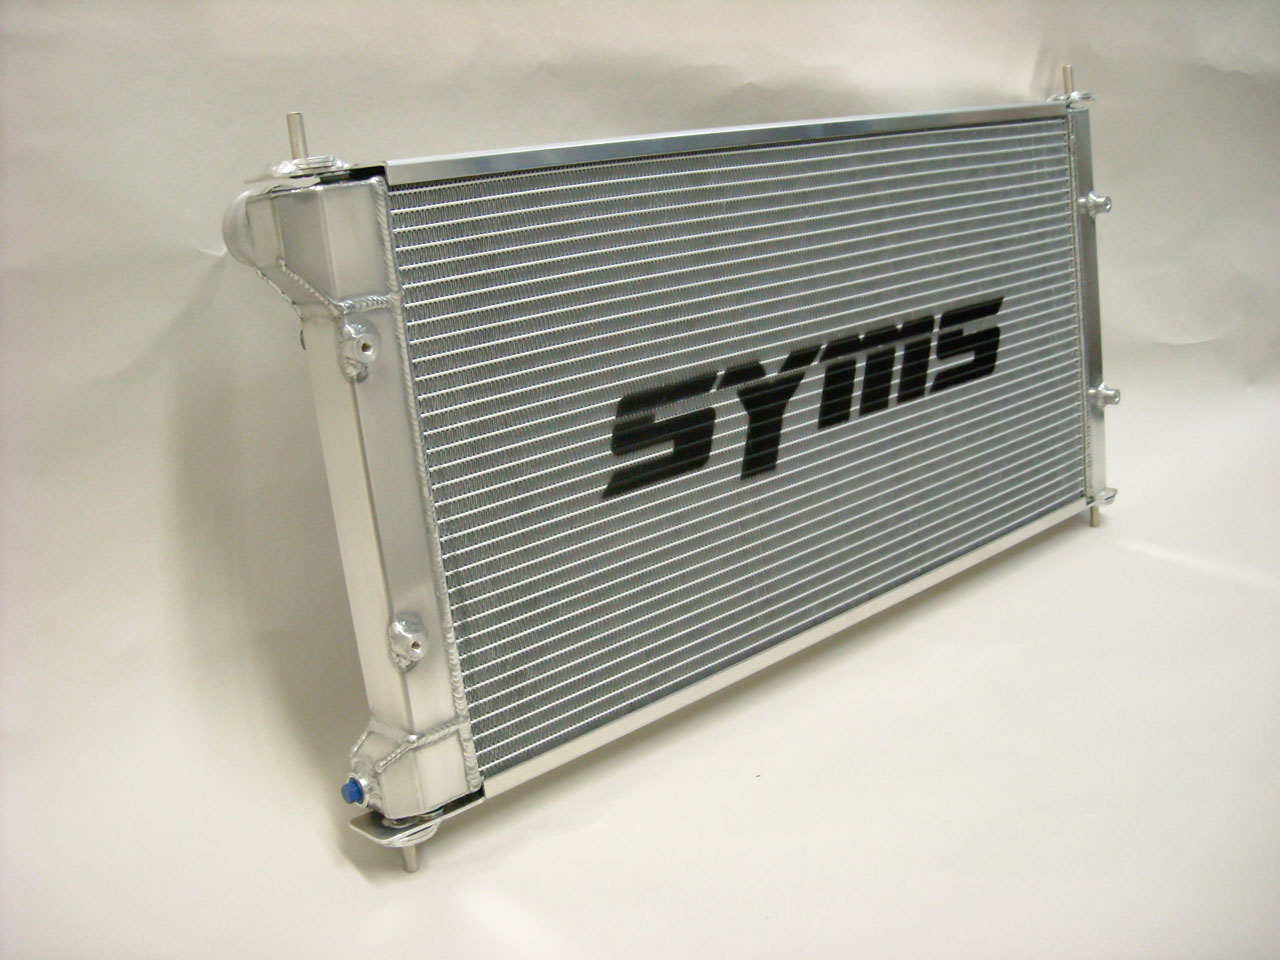 品揃え豊富で 【SYMS Y1000RD009/シムス】Toyota 86・Subaru BRZ専用 アルミラジエター Y1000RD009, あめ職人の店 良平糖本舗:1ebd4309 --- sturmhofman.nl